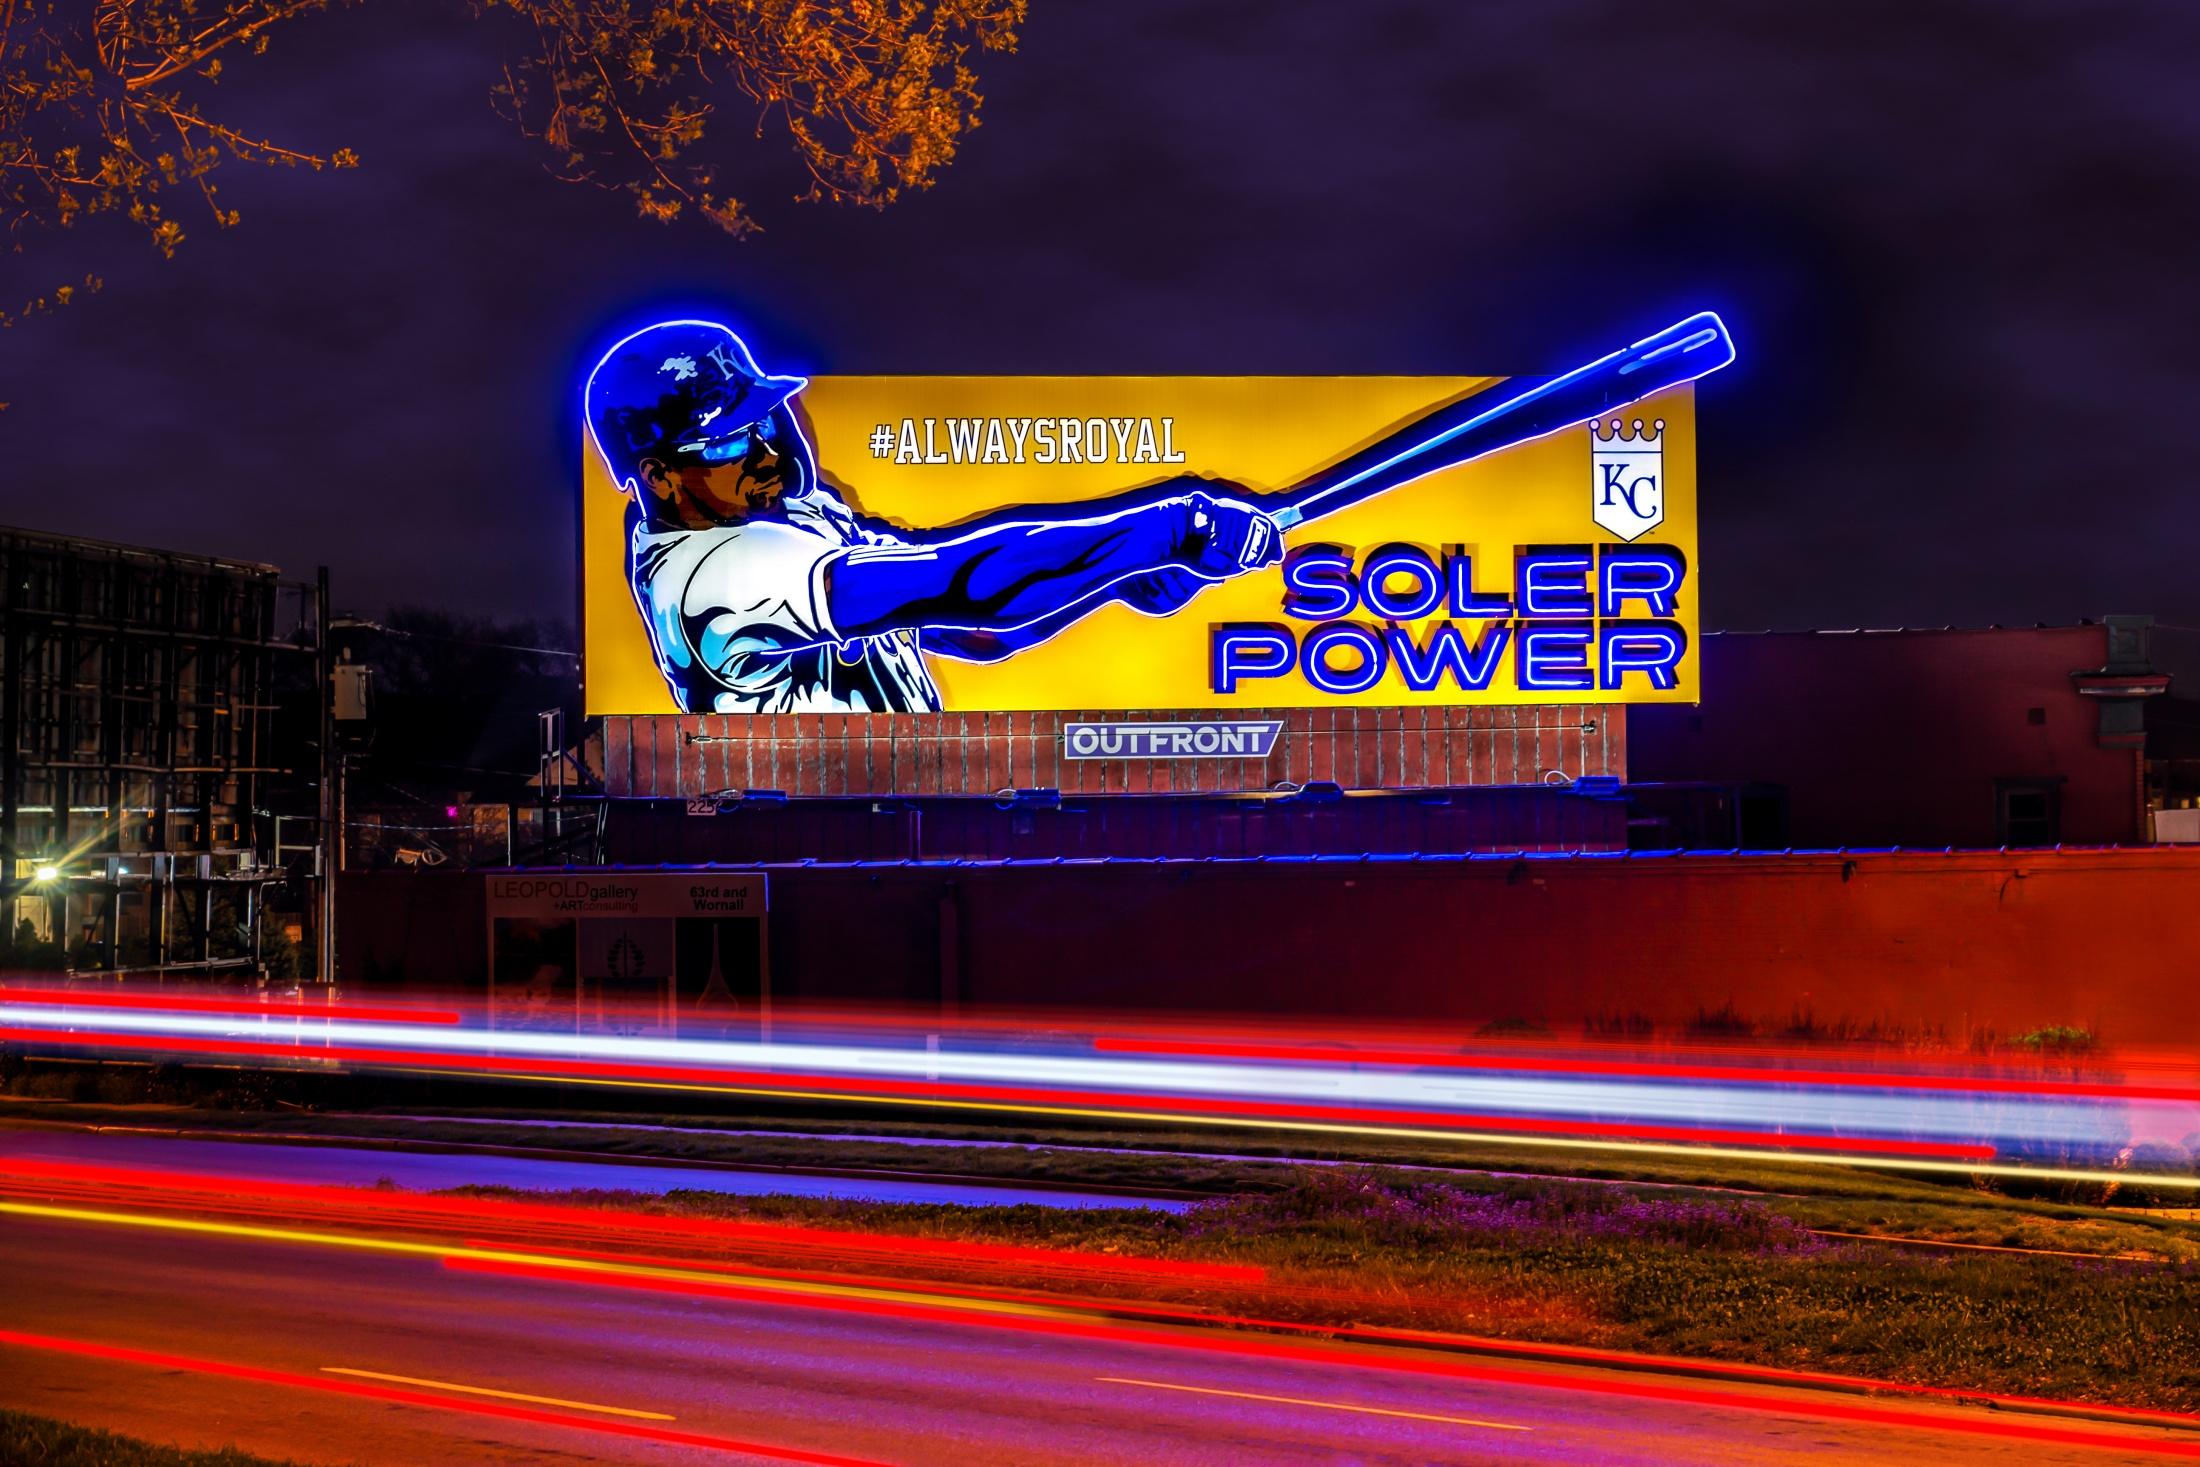 Thumbnail for Soler Power